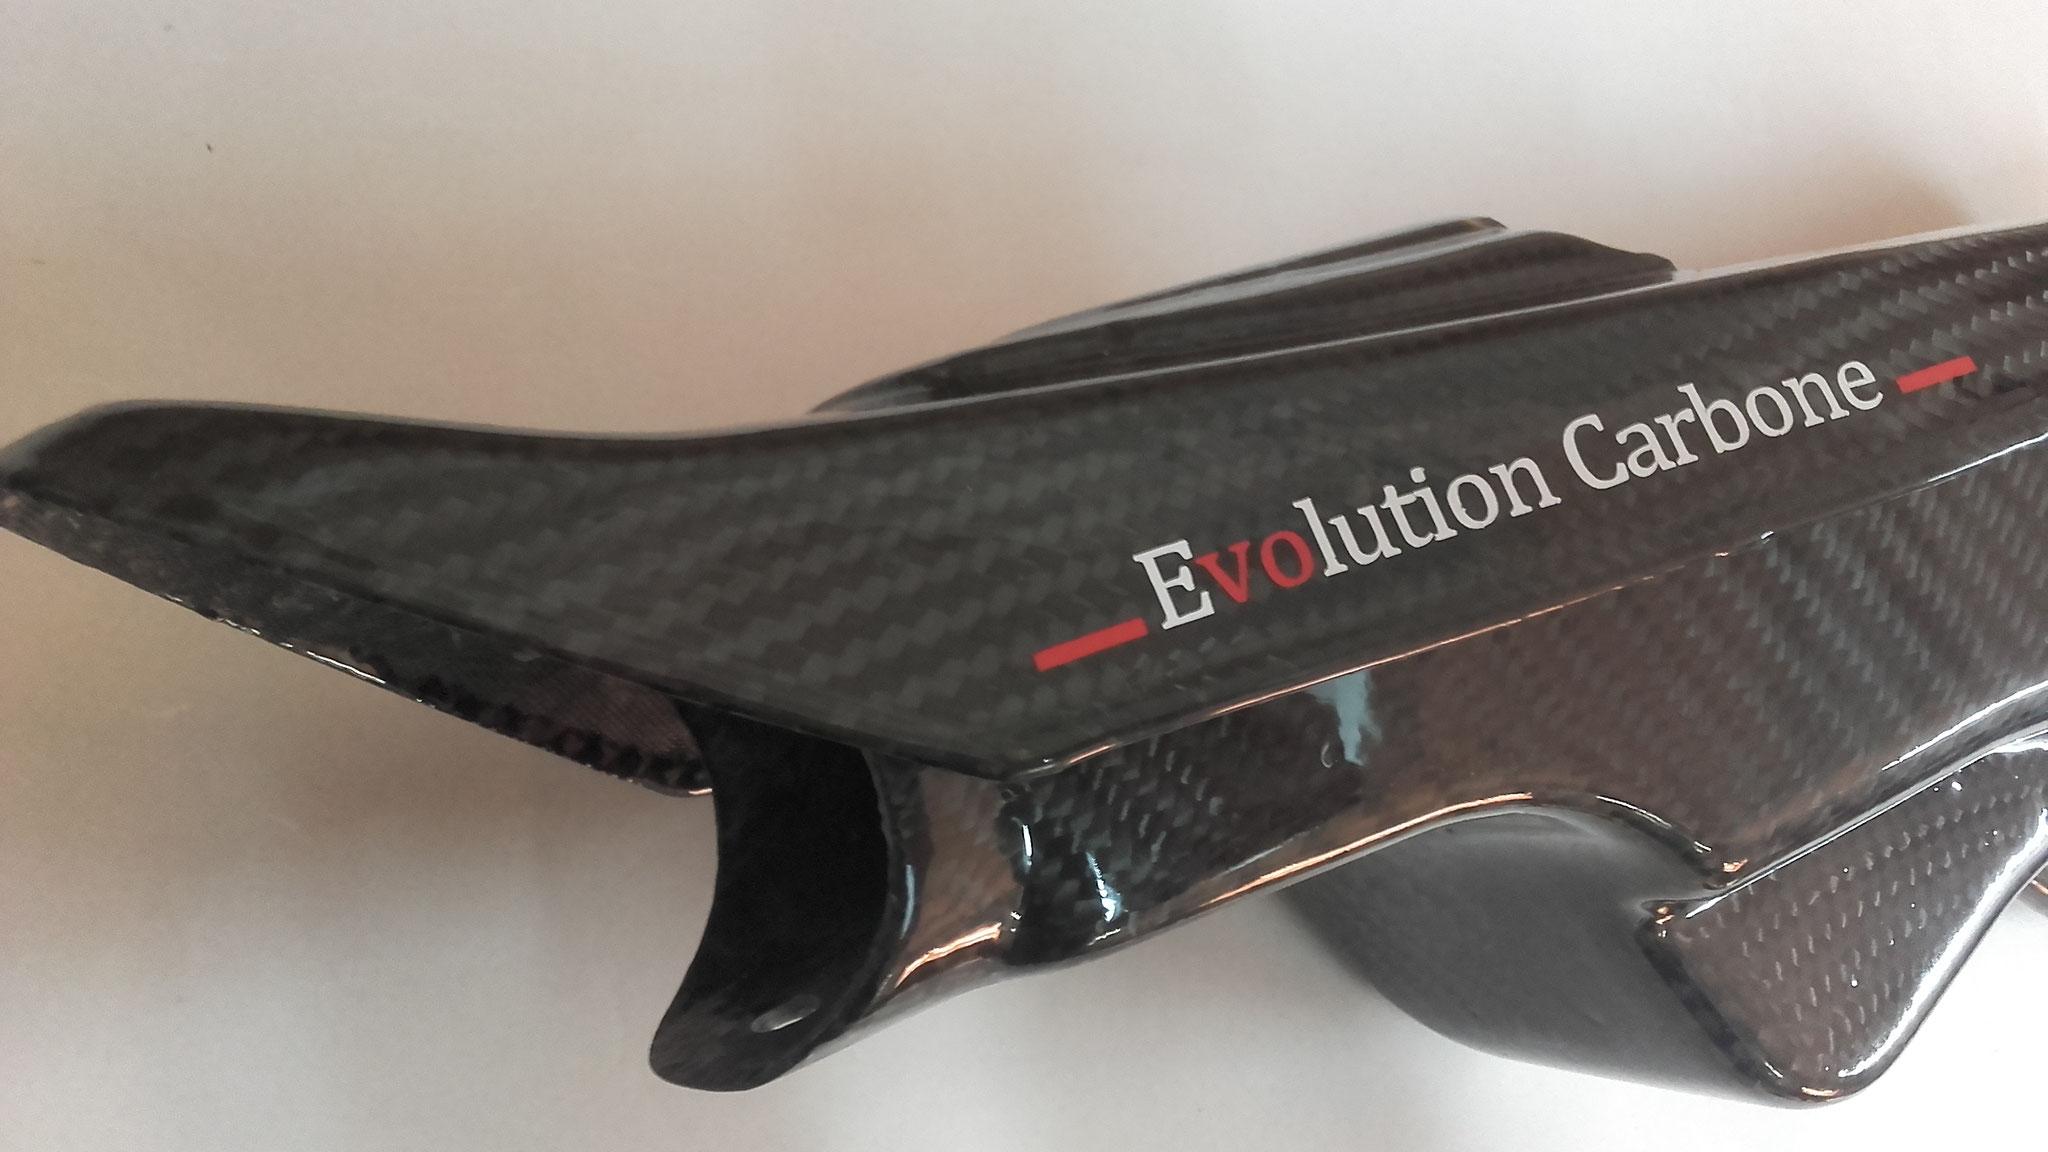 Evolution carbone / Boite à air carbone / Trial / Vertigo